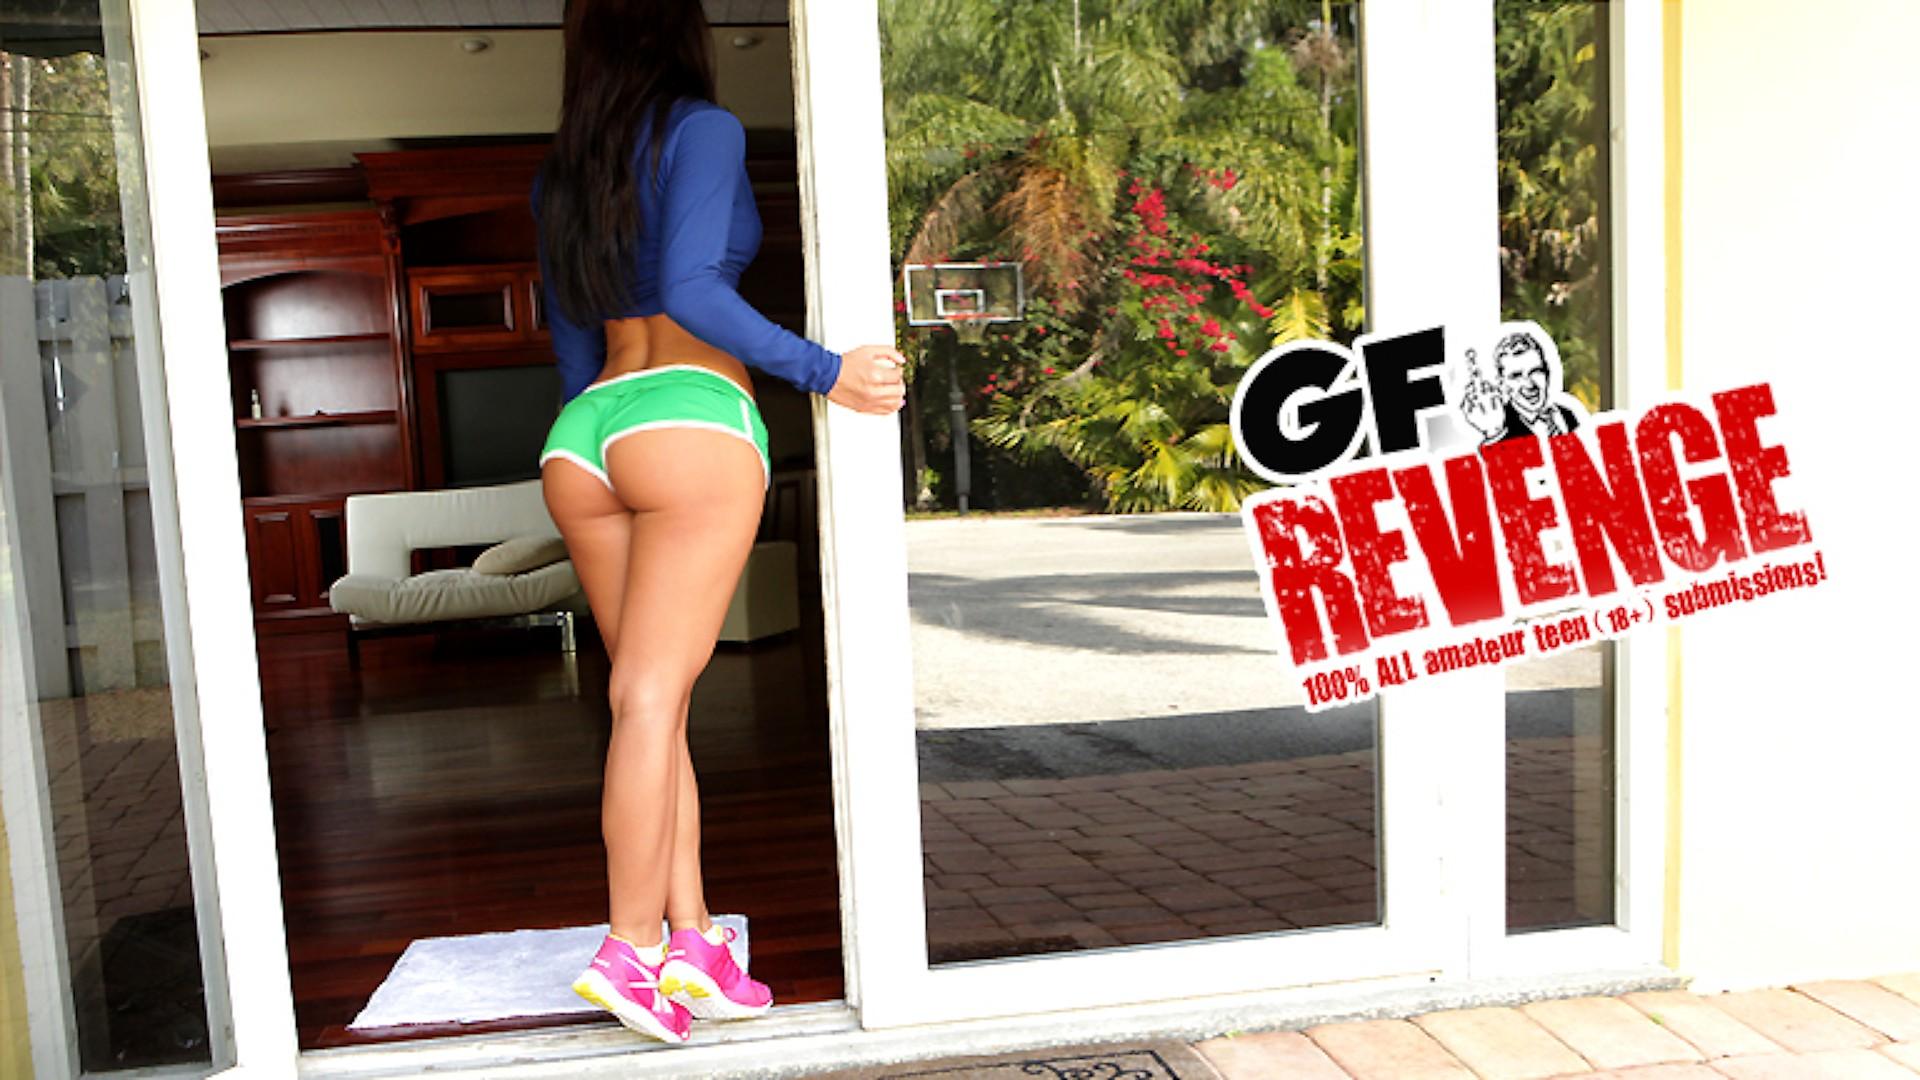 My Girl - GF Revenge